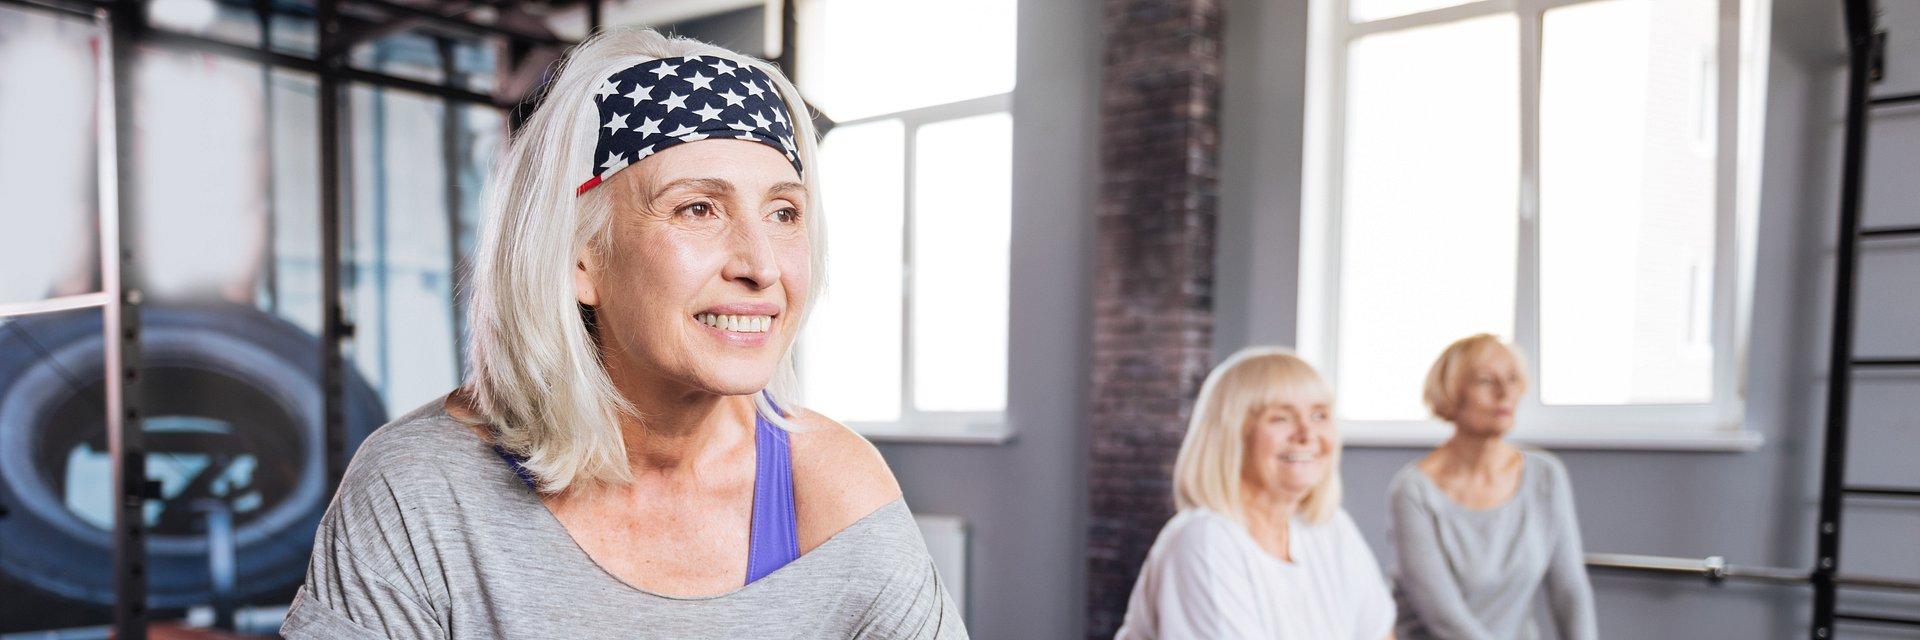 Jak aktywność fizyczna wpływa na depresję?